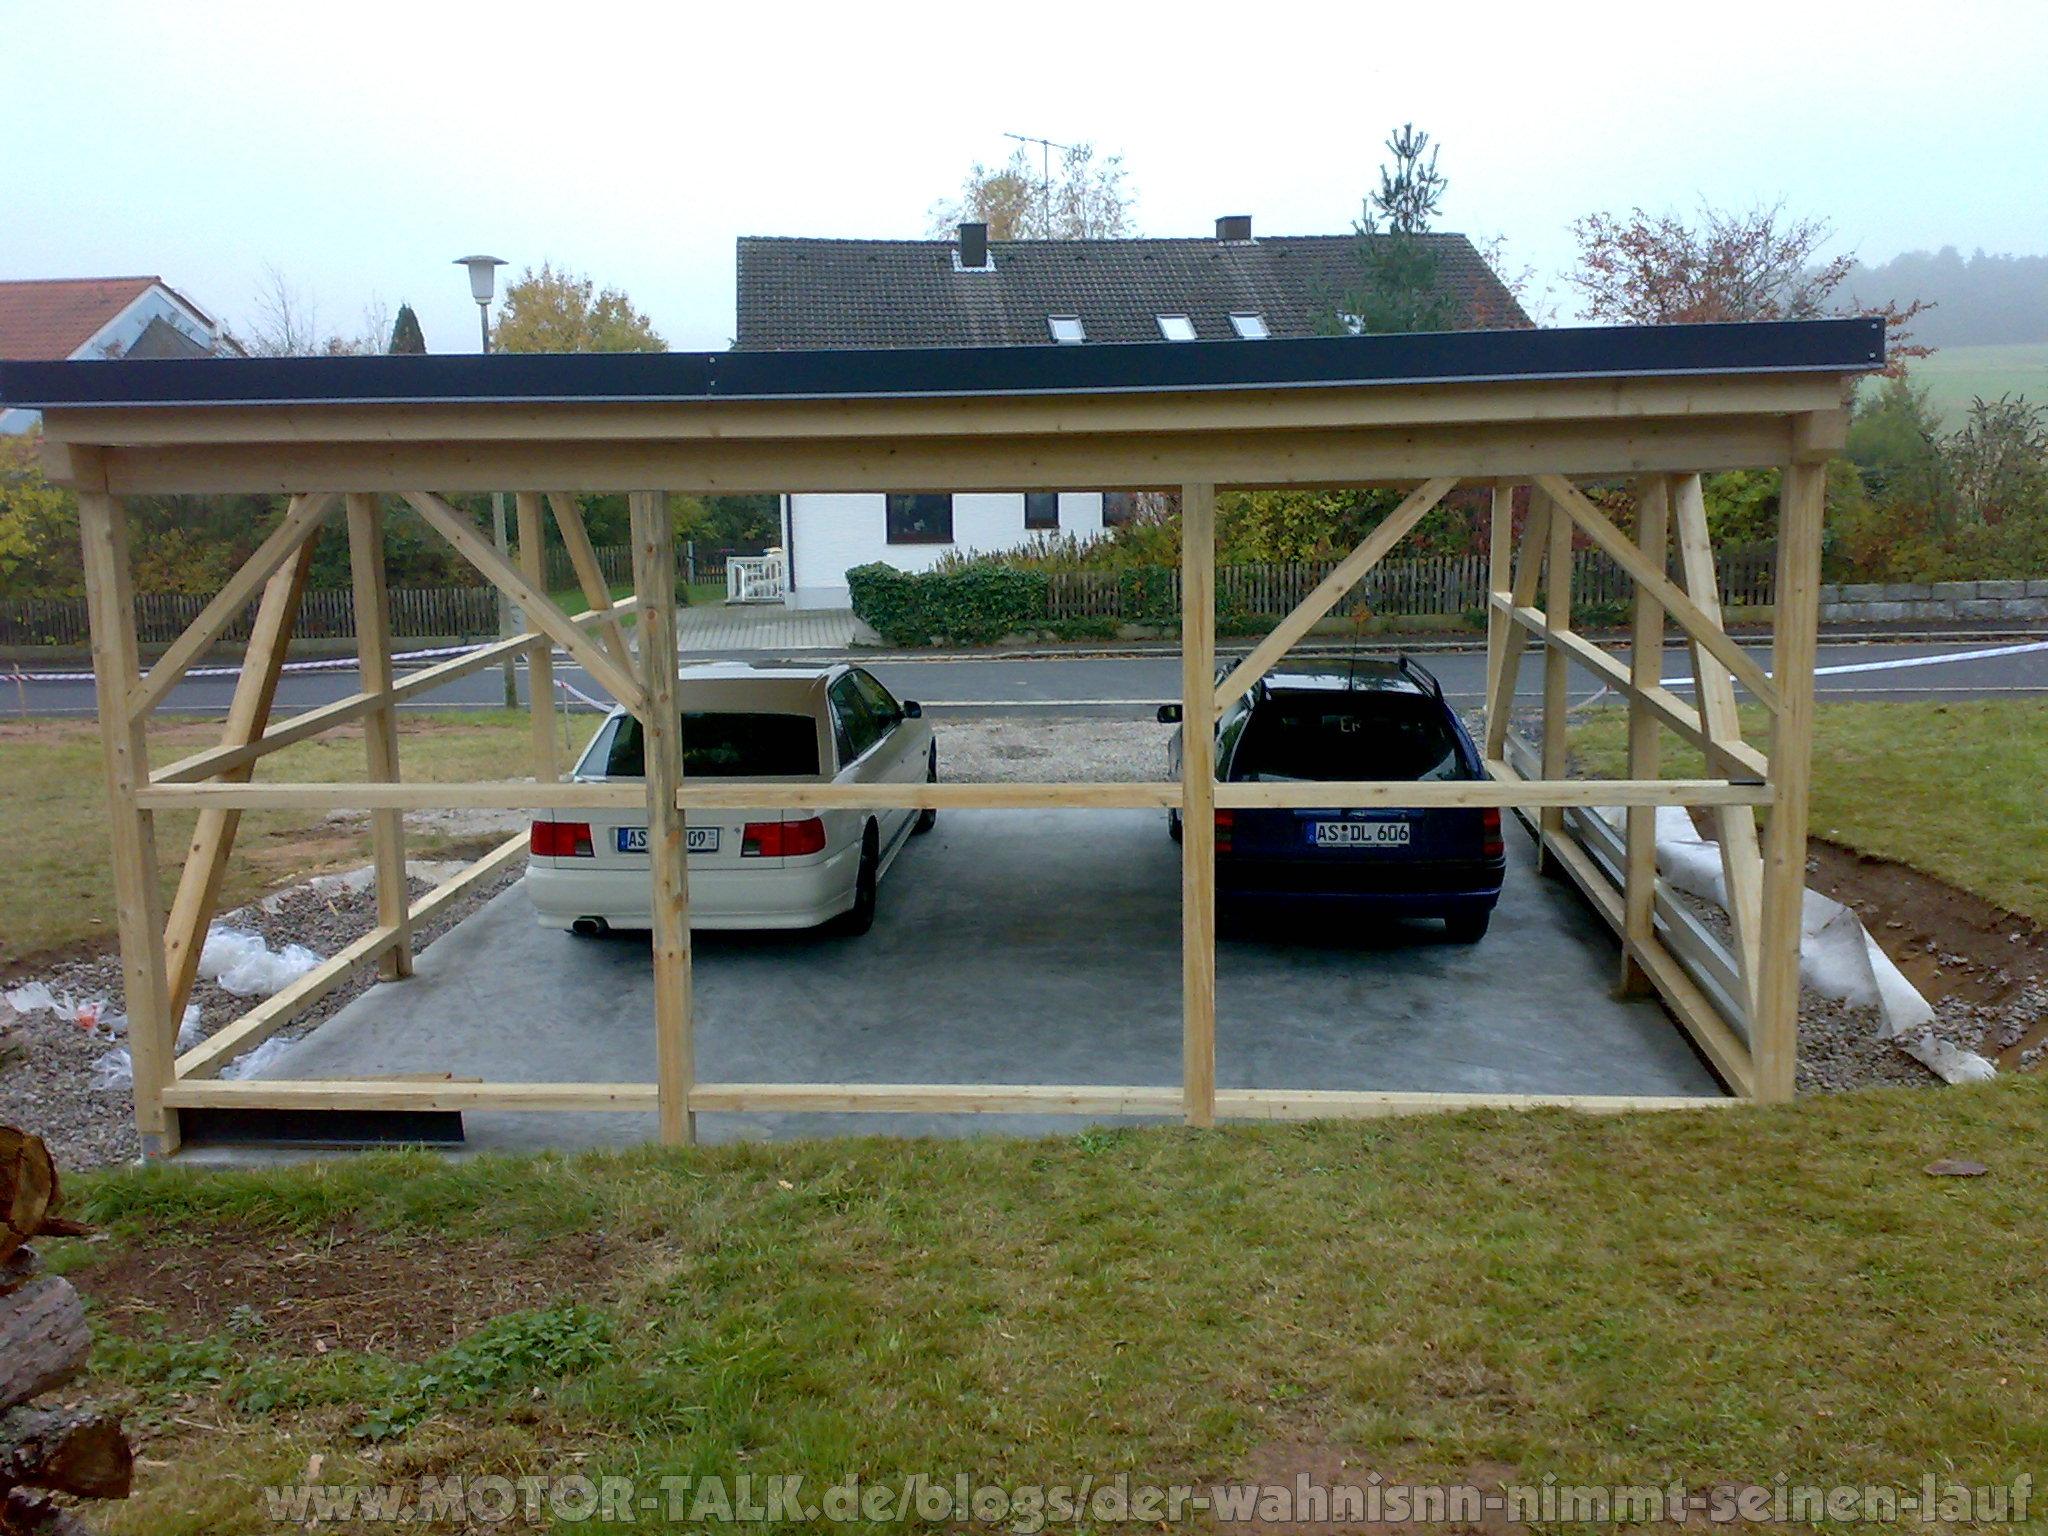 garagenbau ein zwischenstand der wahnisnn nimmt seinen lauf. Black Bedroom Furniture Sets. Home Design Ideas